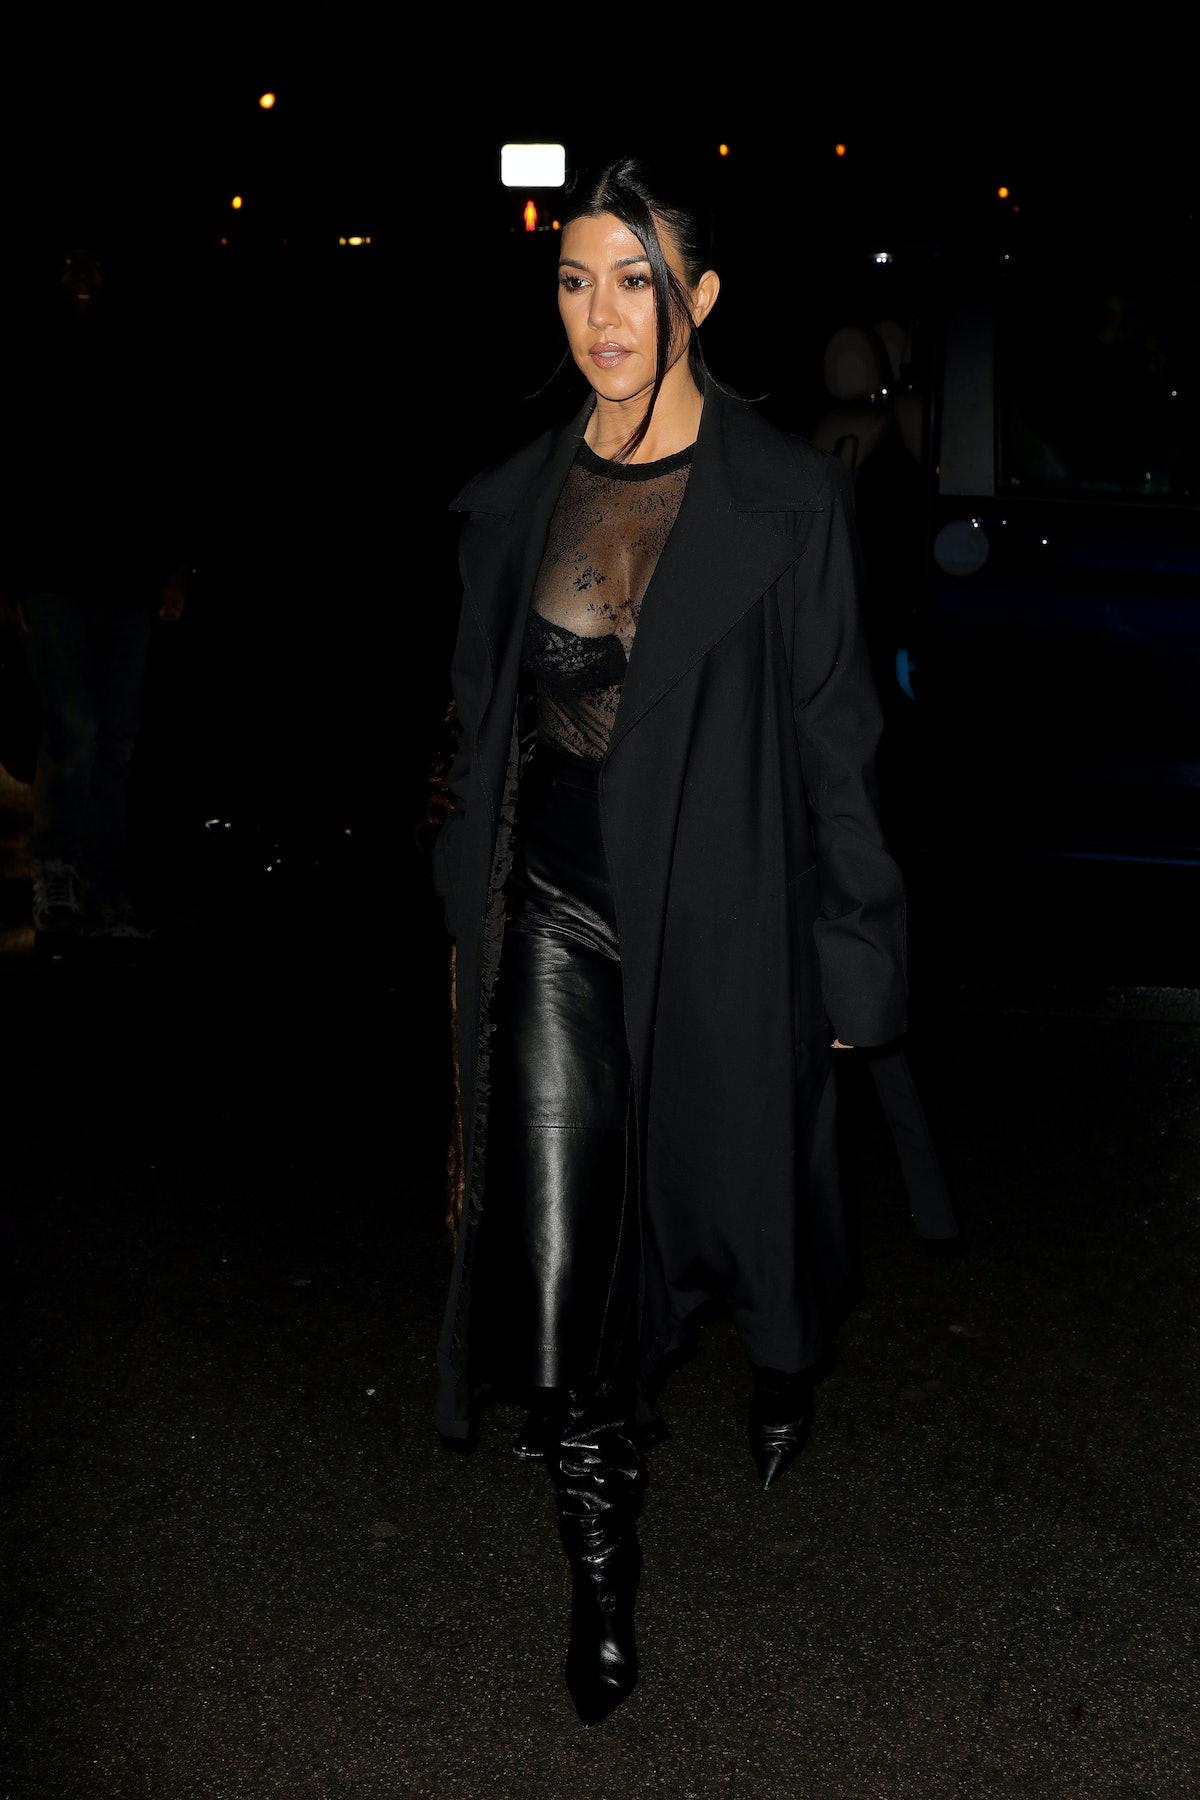 Kourtney Kardashian steps out in an all black ensemble.